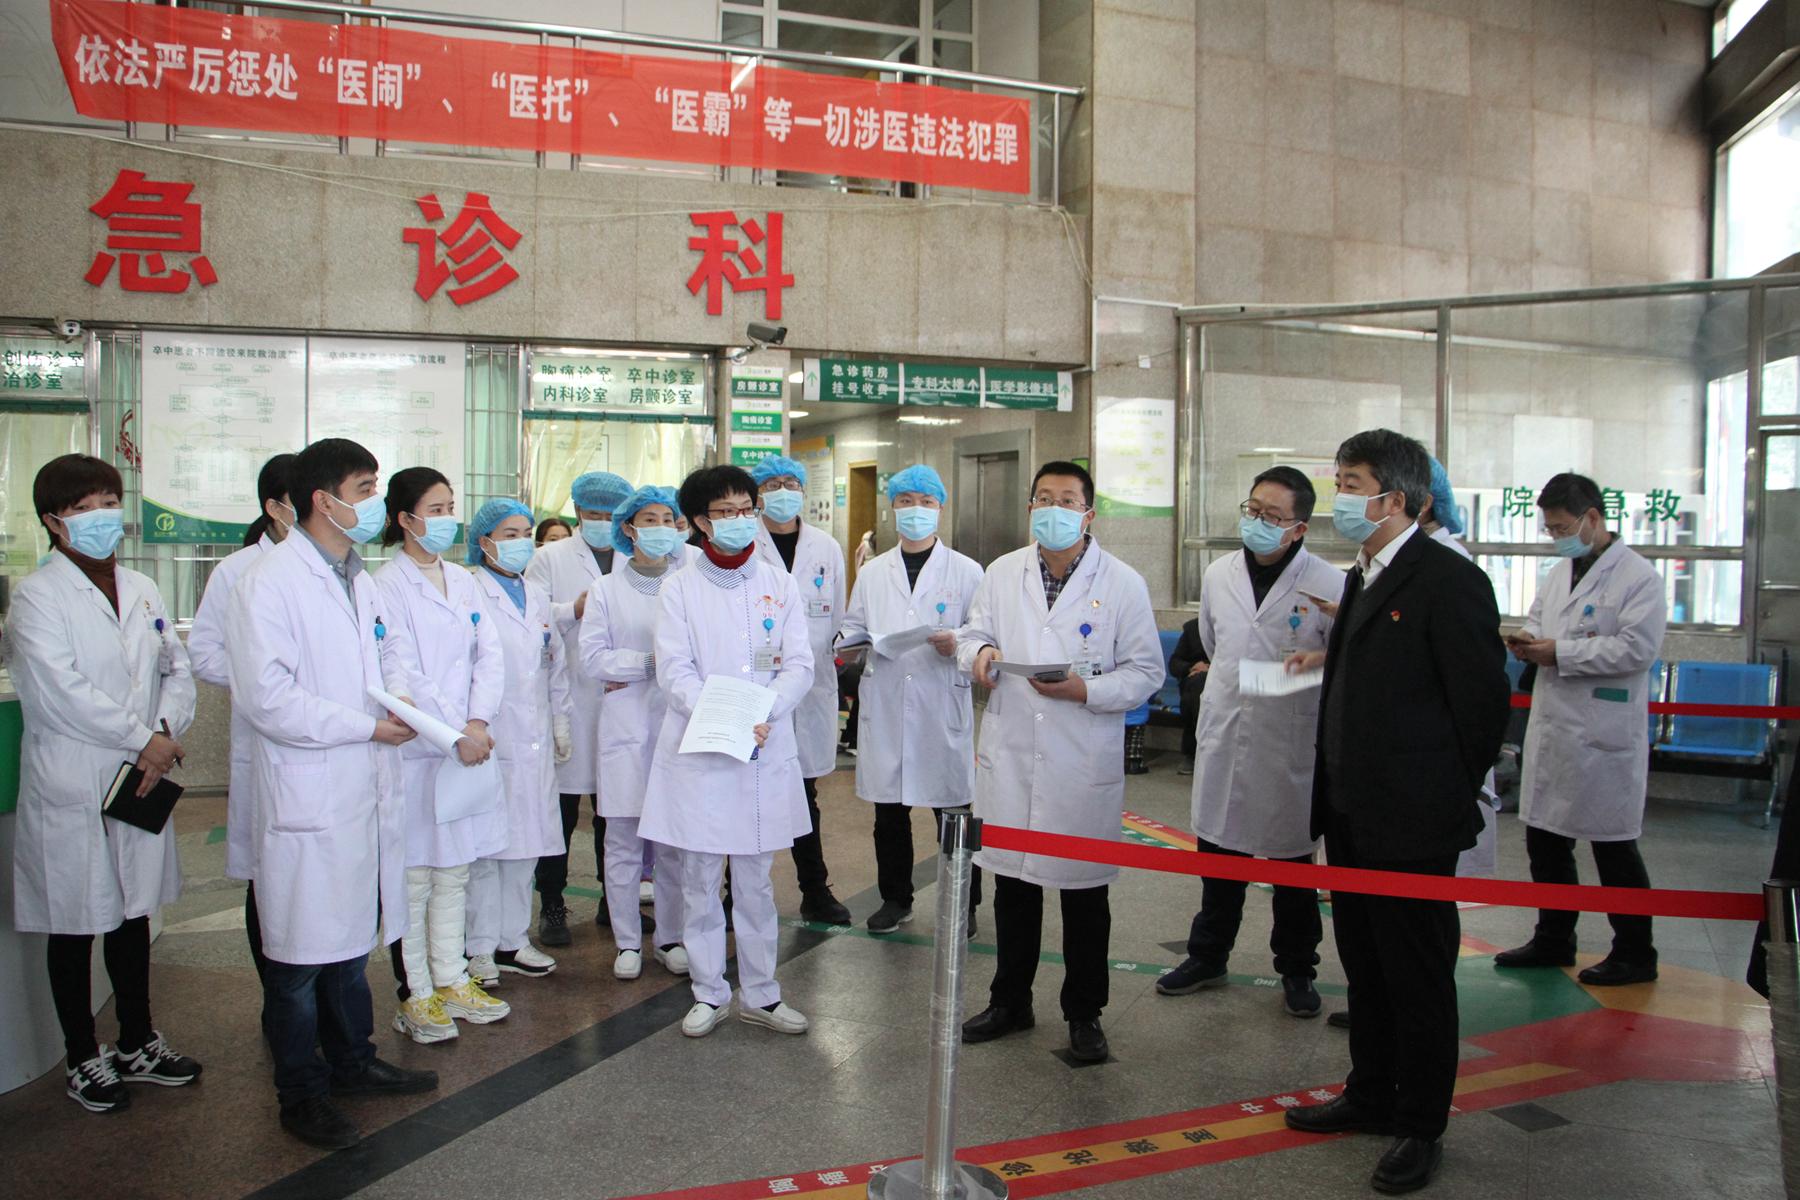 3201医院组织开展新型冠状病毒感染肺炎疑似病例处置流程演练